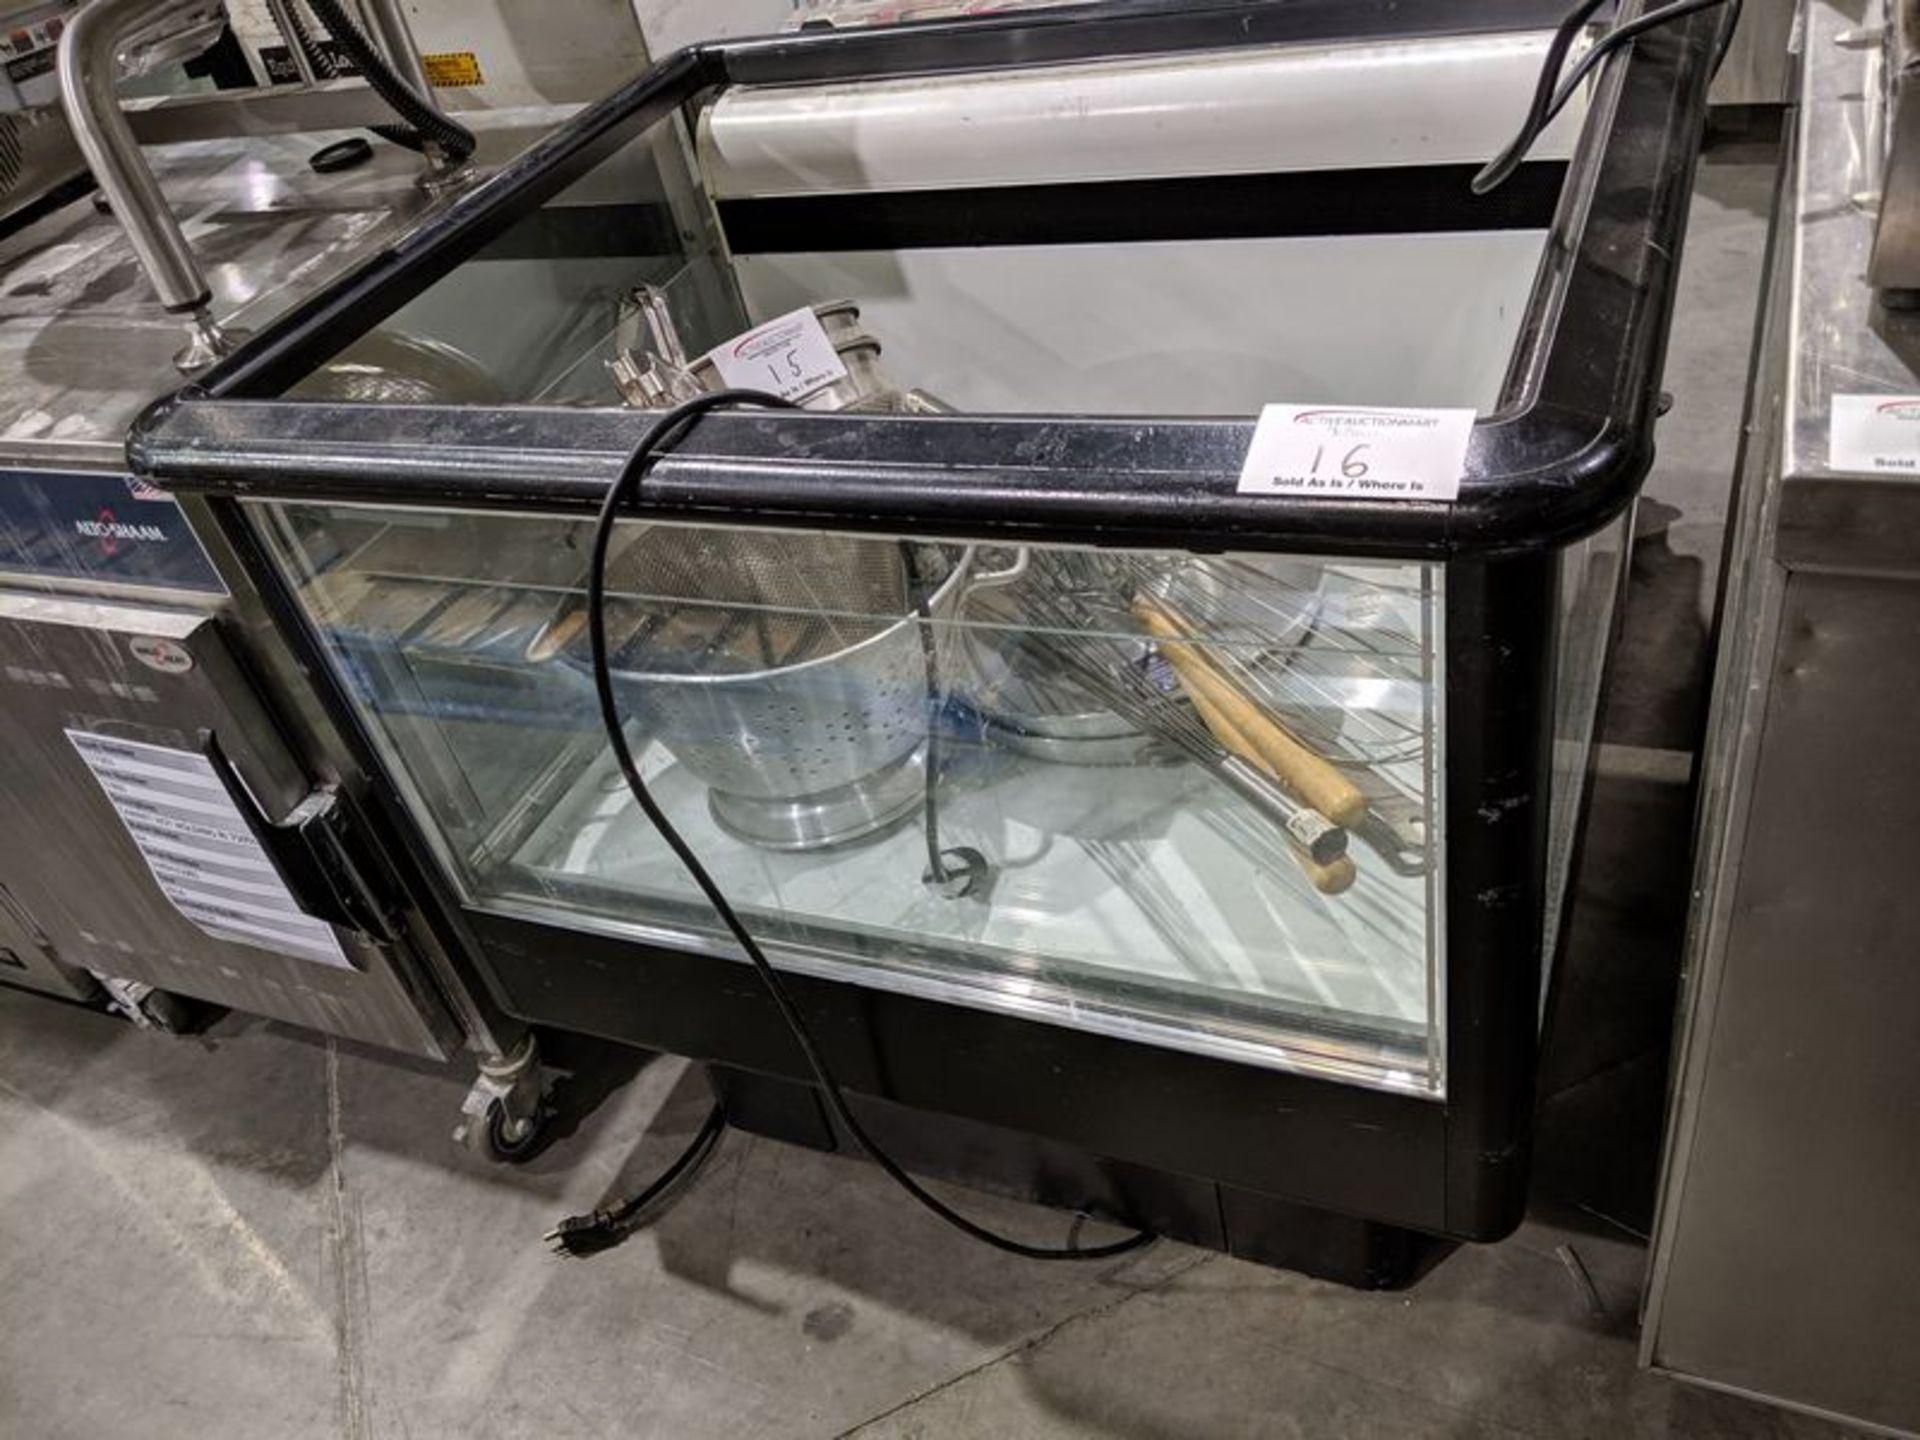 Lot 16 - Carrier Refrigerated Spot Merchandiser